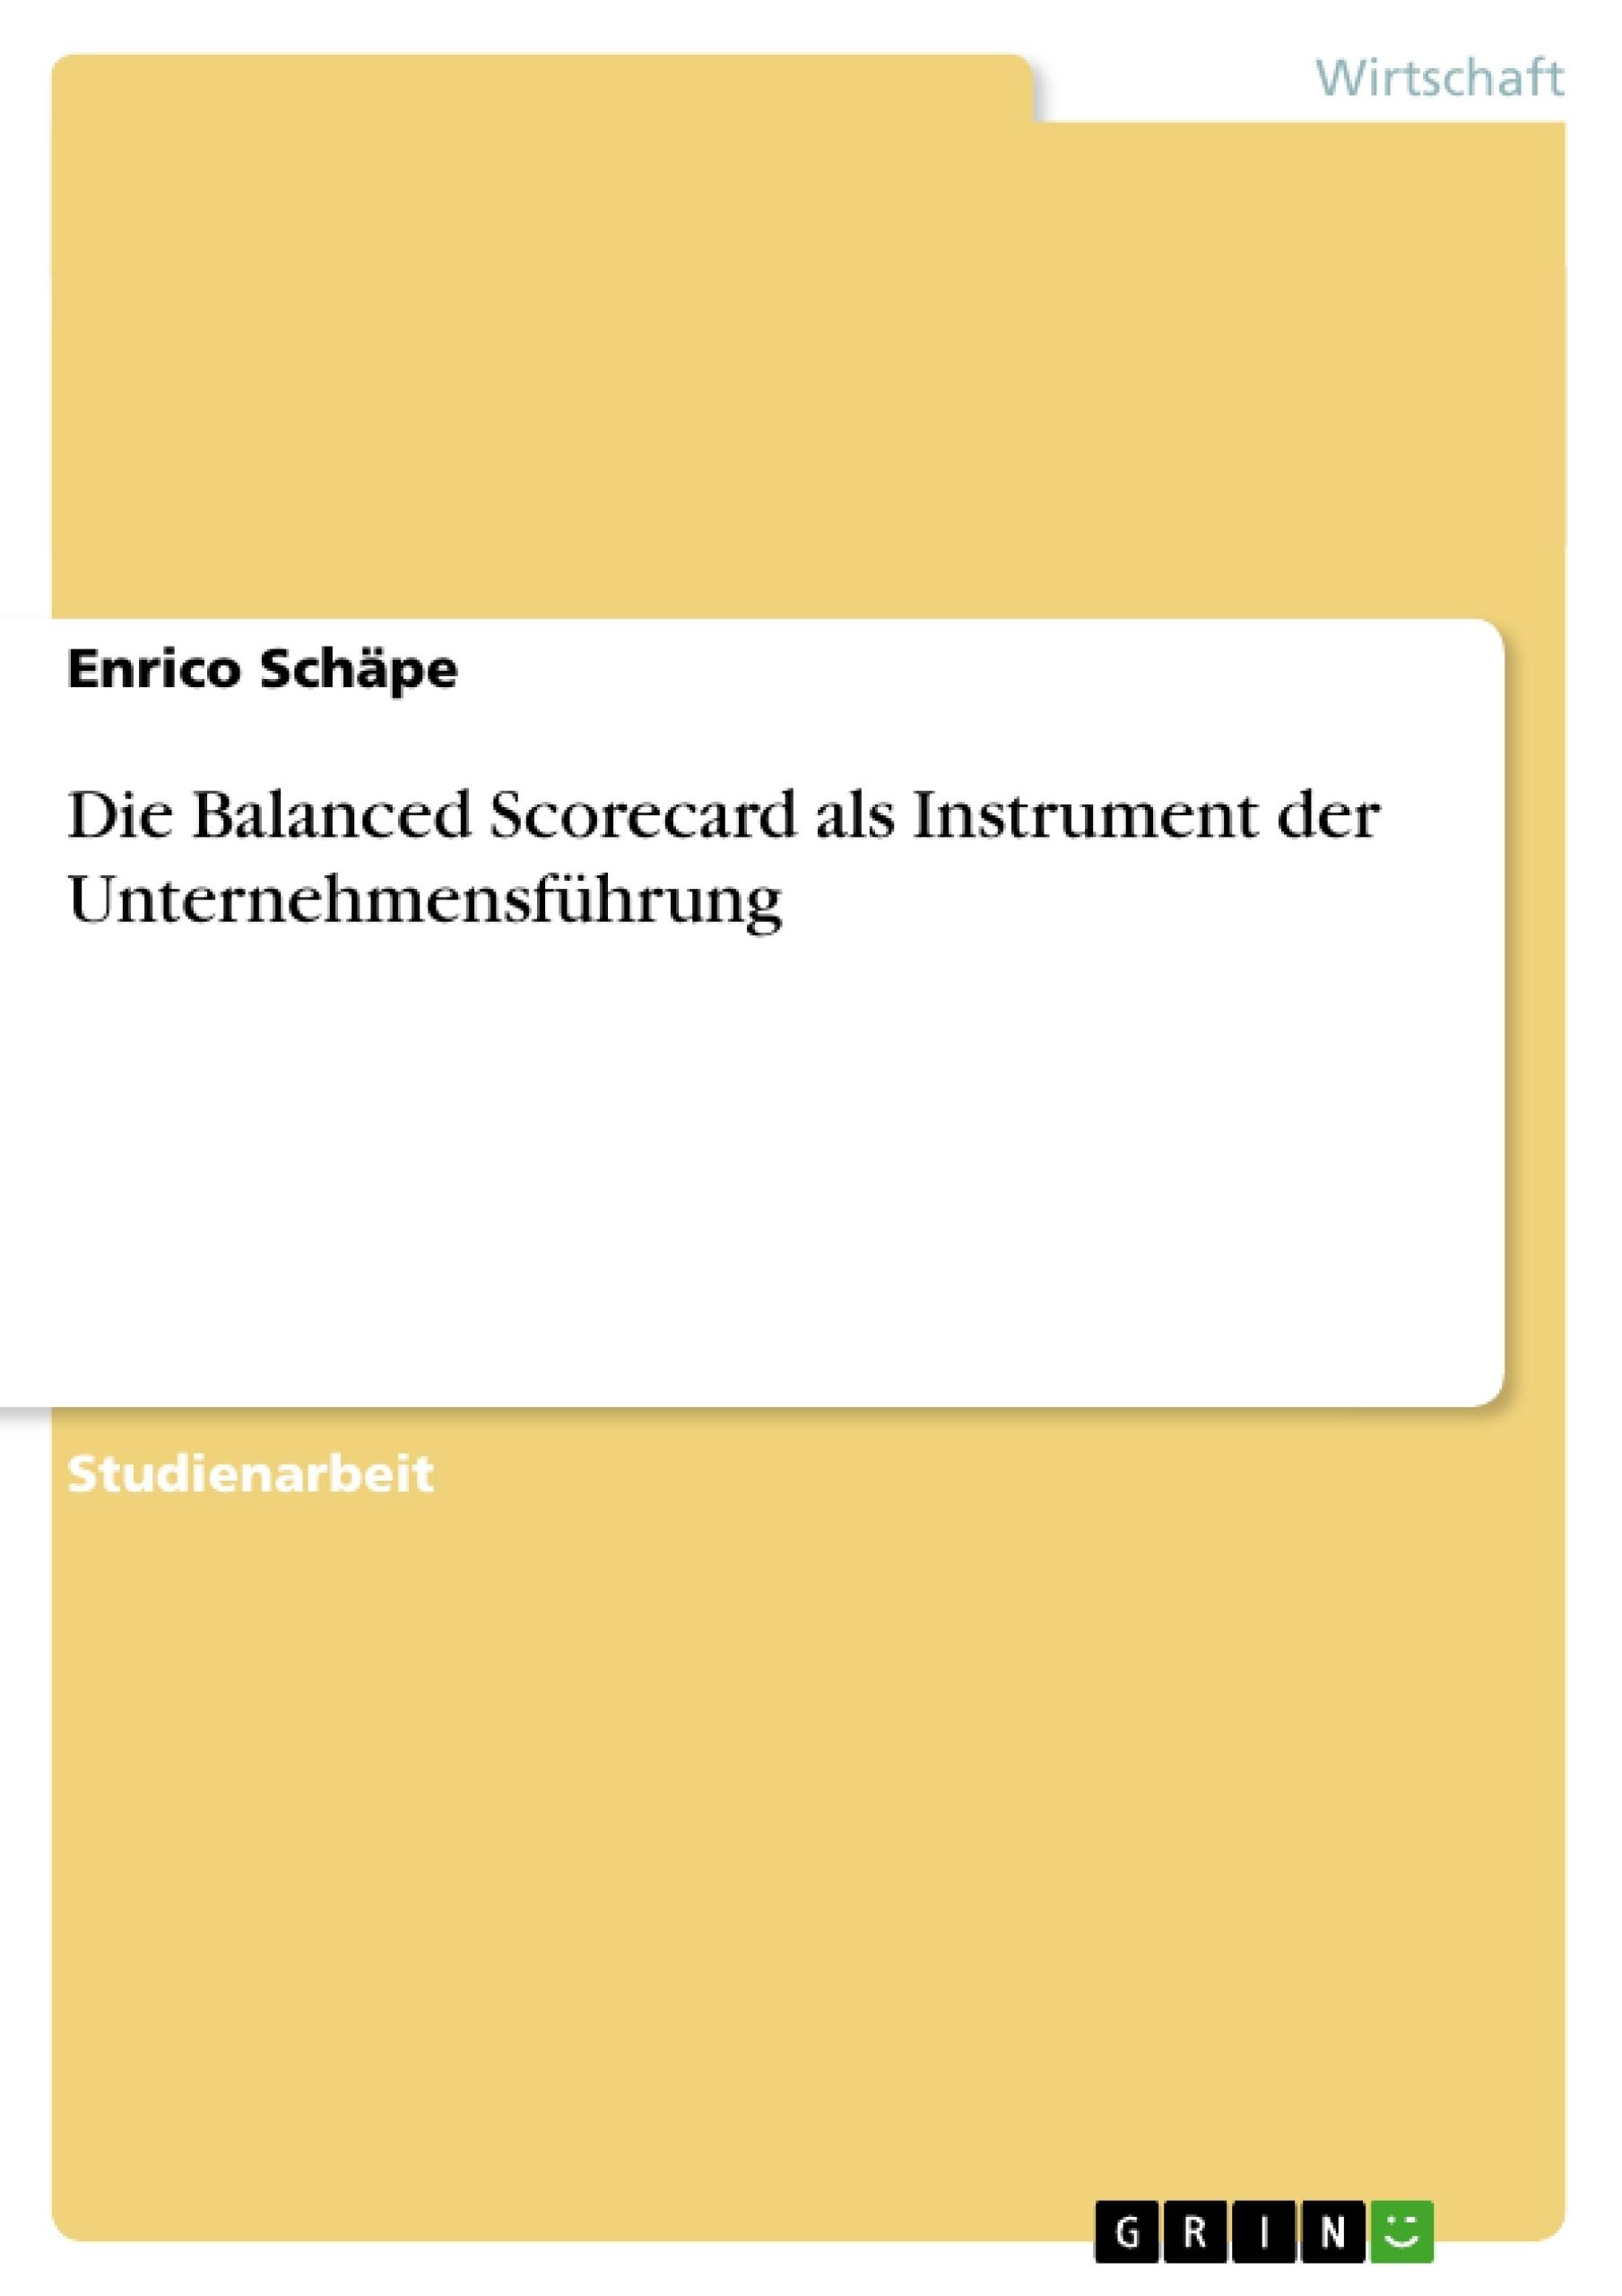 Titel: Die Balanced Scorecard als Instrument der Unternehmensführung